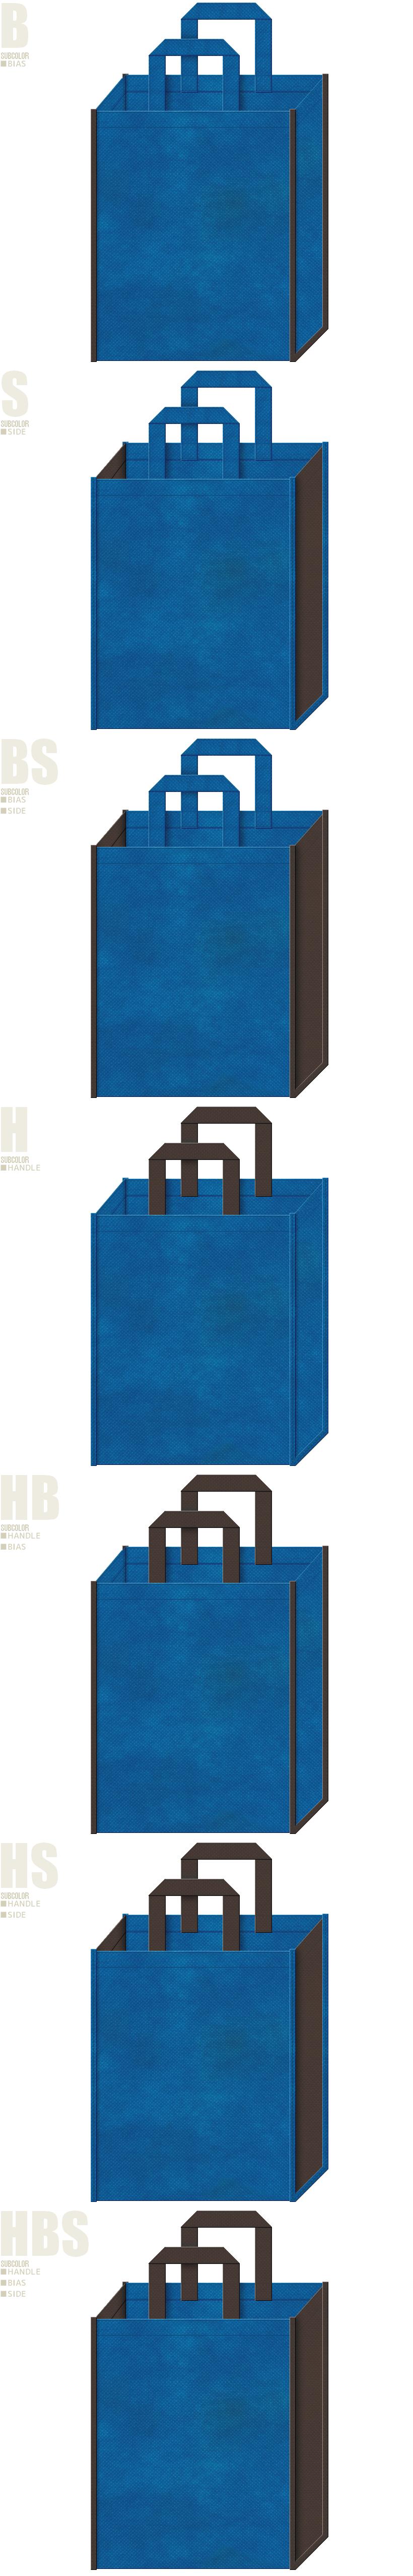 父の日ギフトのショッピングバッグ・ロールプレイングゲームの展示会用バッグにお奨めの不織布バッグデザイン:青色とこげ茶色の配色7パターン